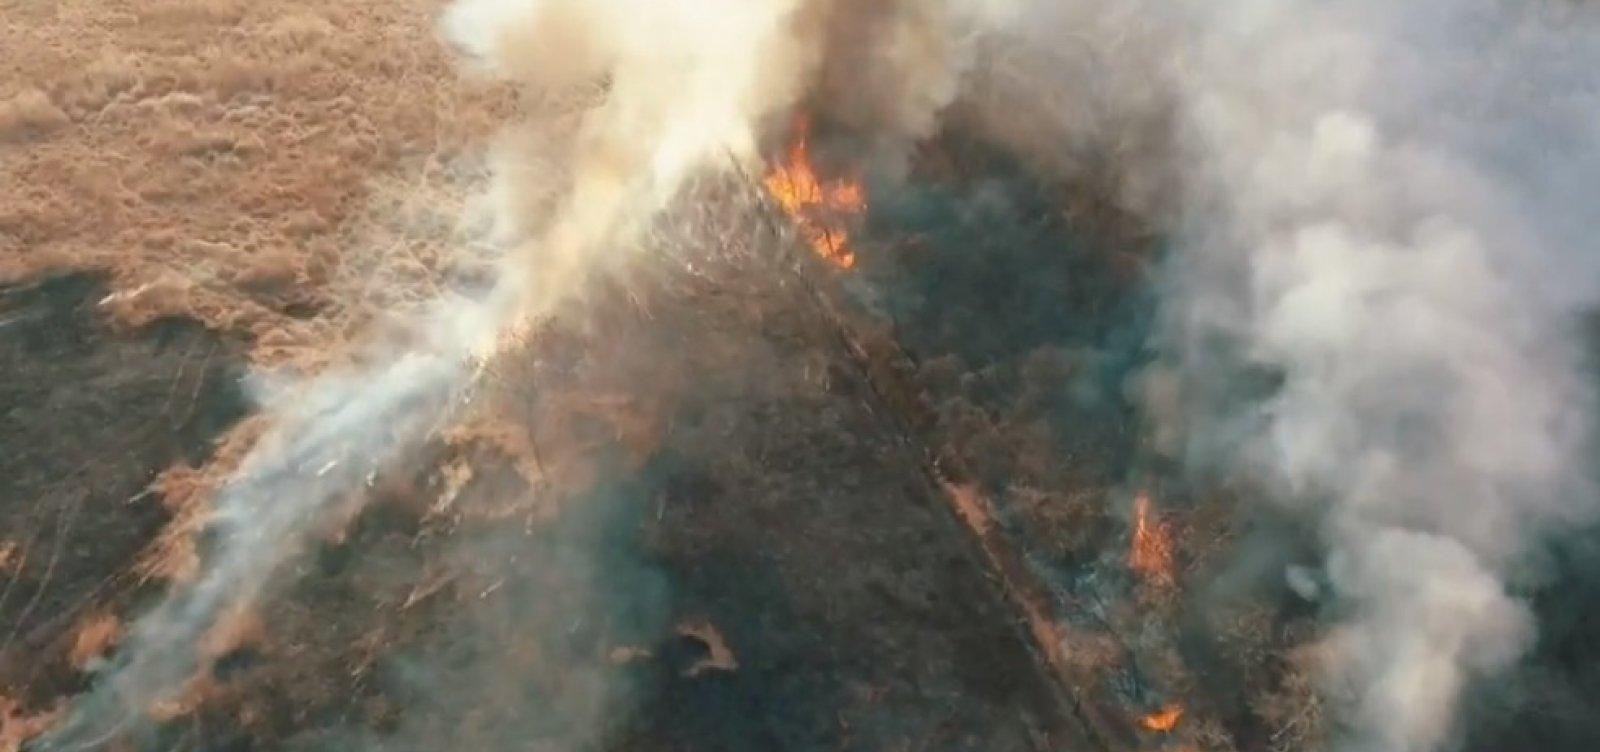 [Incêndio destrói 90 hectares de vegetação no sudoeste da Bahia ]